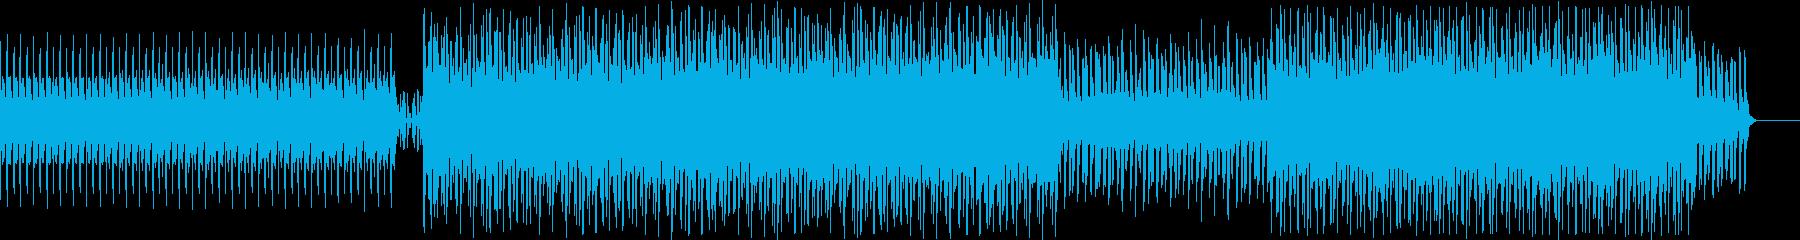 ミニマルで無機質なディープハウスの再生済みの波形